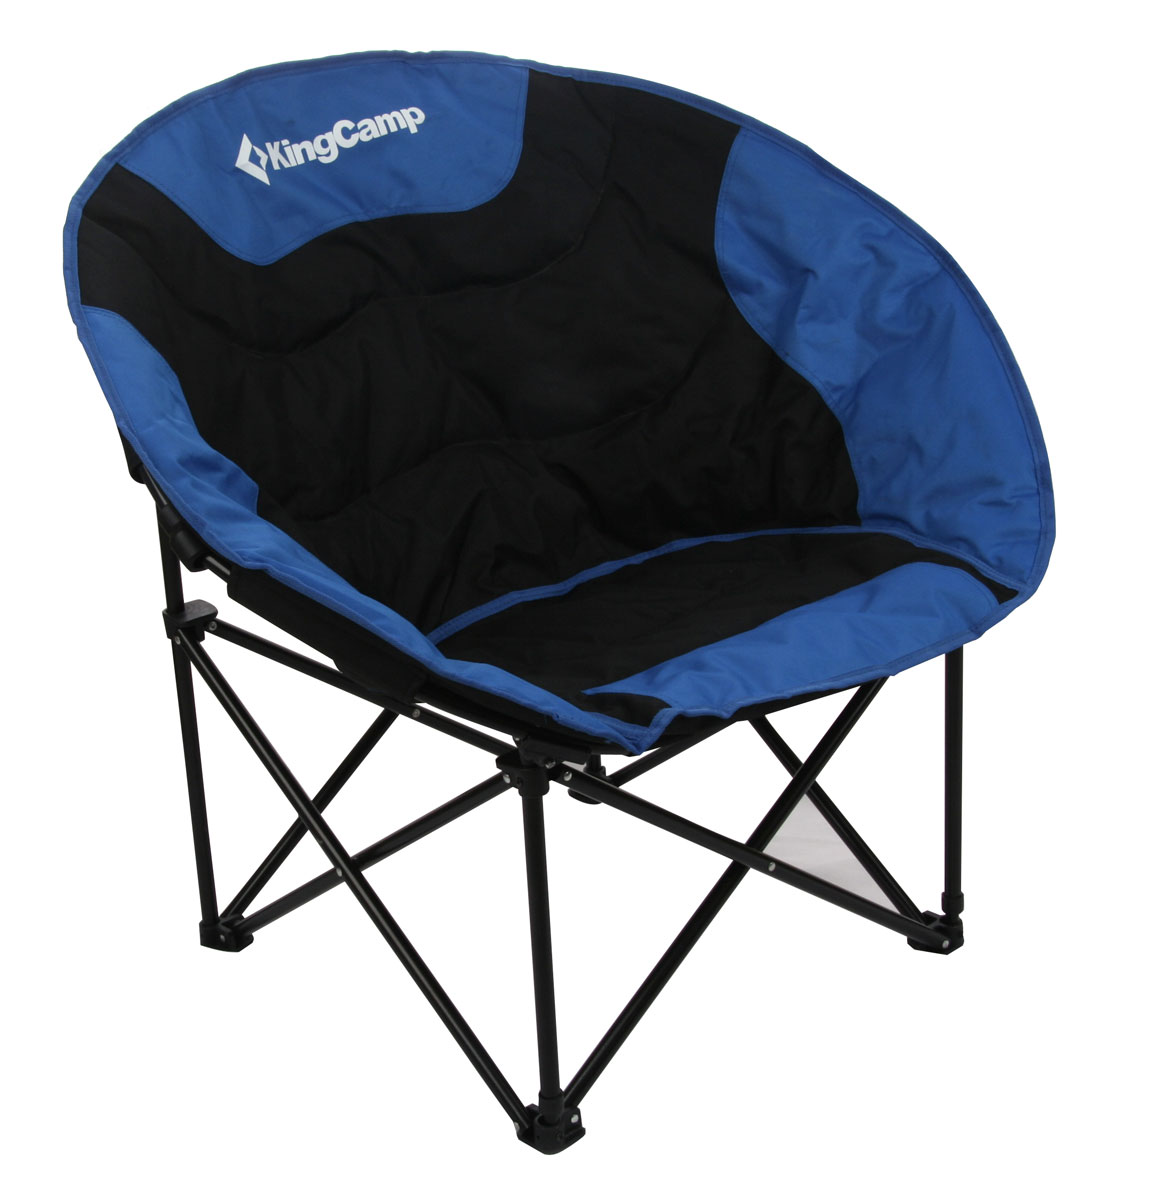 Кресло складное KingCamp Moon Leisure Chair, цвет: синийУТ-000049532Складное круглое кресло KingCamp Moon Leisure Chairс широким сиденьем - незаменимый предмет в походе, на природе, на рыбалке, а также на даче. Кресло имеет прочный металлический каркас и покрытие из текстиля, оно легко собирается и разбирается и не занимает много места, поэтому подходит для транспортировки и хранения дома. Для большего удобства к креслу прилагается чехол для хранения с удобной ручкой. Характеристики: Размер в разложенном виде: 84 см х 70 см х 80 см. Высота спинки сиденья: 38 см. Размер в сложенном виде: 90 см х 18 см х 13 см. Материал: полиэстер 600DOxford PVC, сталь. Наполнитель: пена PVC. Вес: 4,5 кг. Производитель: Китай. Артикул: 3816.УВАЖАЕМЫЕ КЛИЕНТЫ! Обращаем ваше внимание на возможные незначительные изменения в дизайне, связанные с ассортиментом продукции: оттенок товара может отличаться от представленного на изображении. Поставка осуществляется в зависимости от наличия на складе.